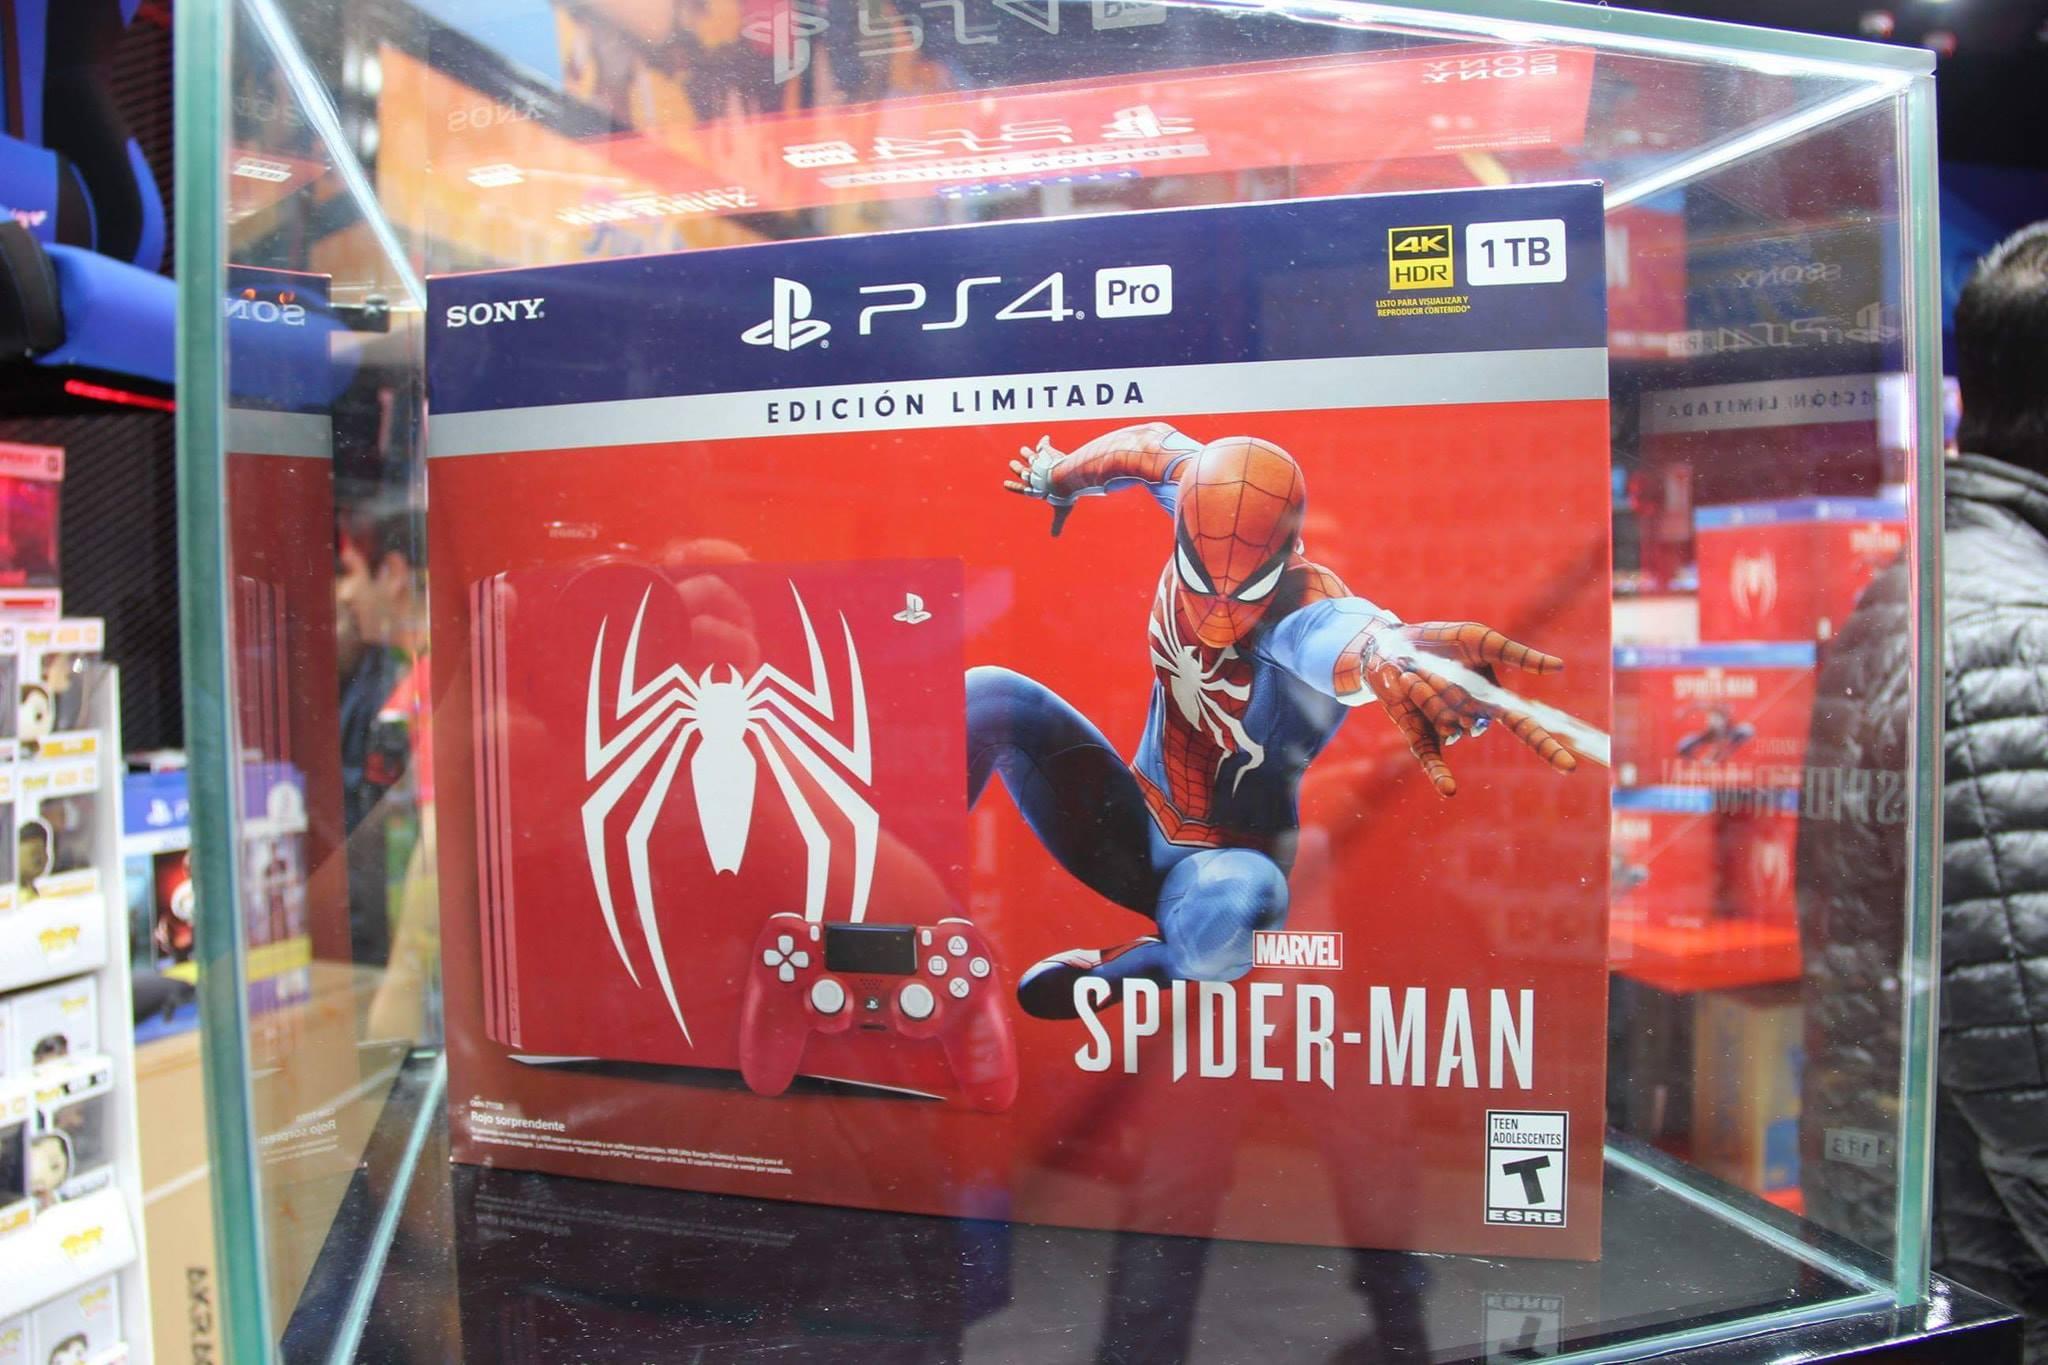 Edición coleccionista de PlayStation, con motivos de Spiderman, que fue lanzada en Perú. (Foto: Luis Carnero)